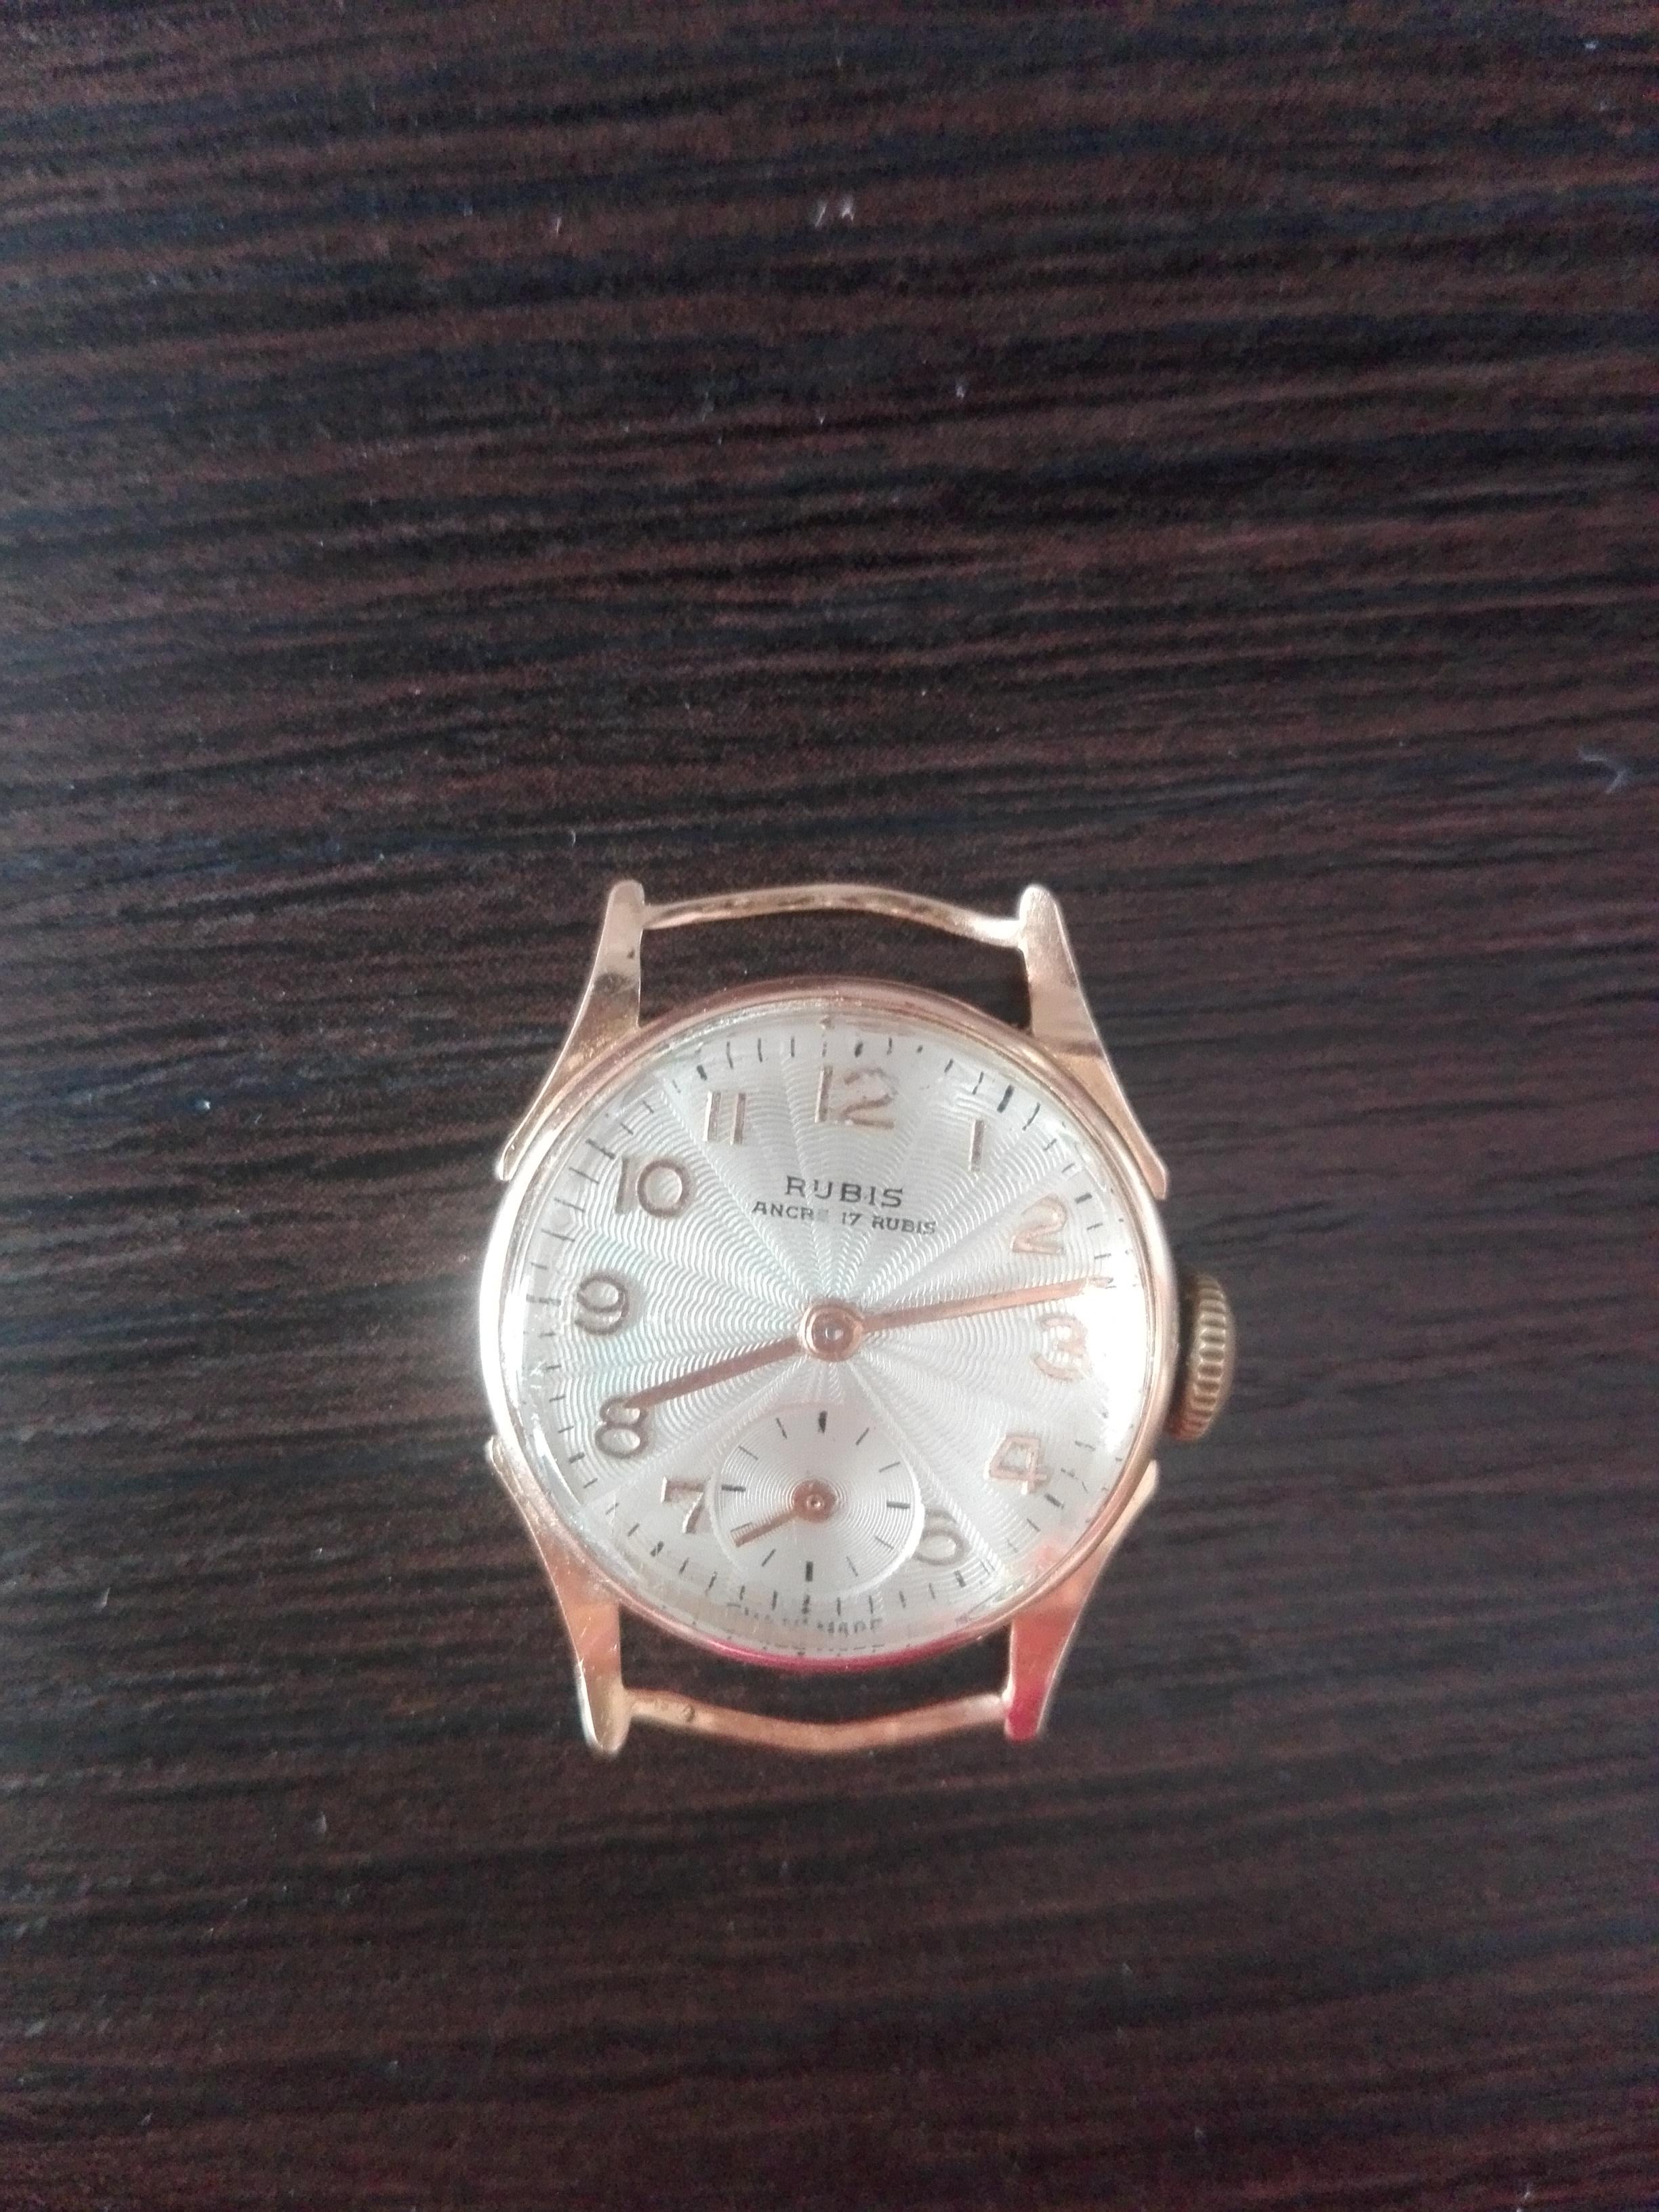 d92889f11f1788 Nigdzie w necie nie znalazłam tej firmy. Zegarek jest złoty, ma ponad 40  lat. Jest to pamiątka po mojej babci. Dodam, że zegarek jest w pelni  sprawny.